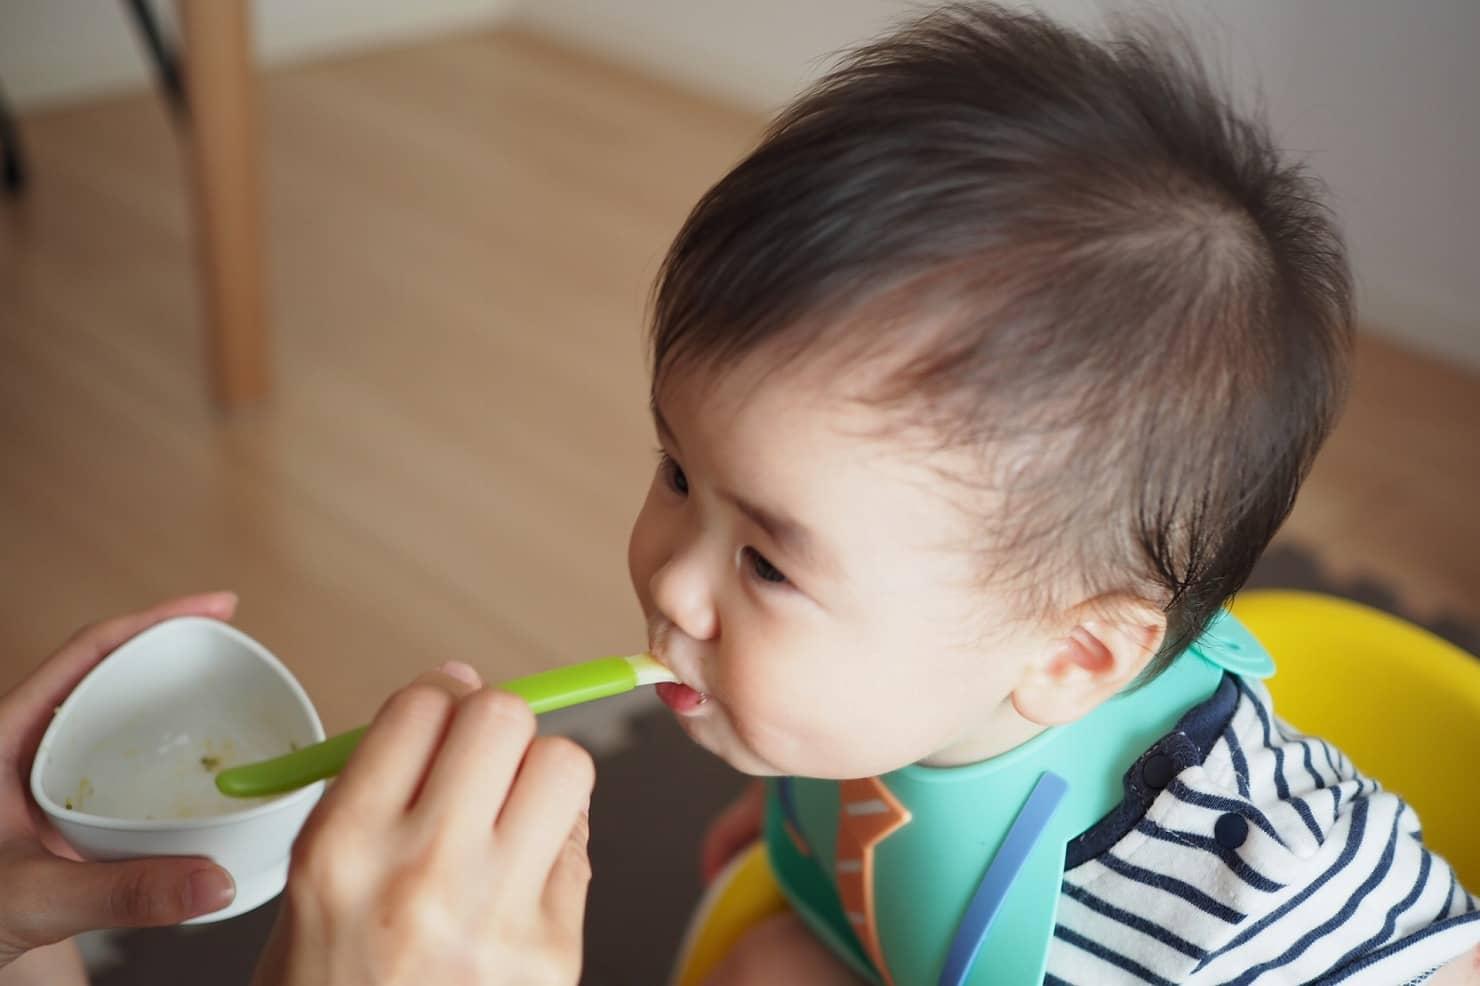 離乳中期におすすめ! 玉ねぎレシピ2選